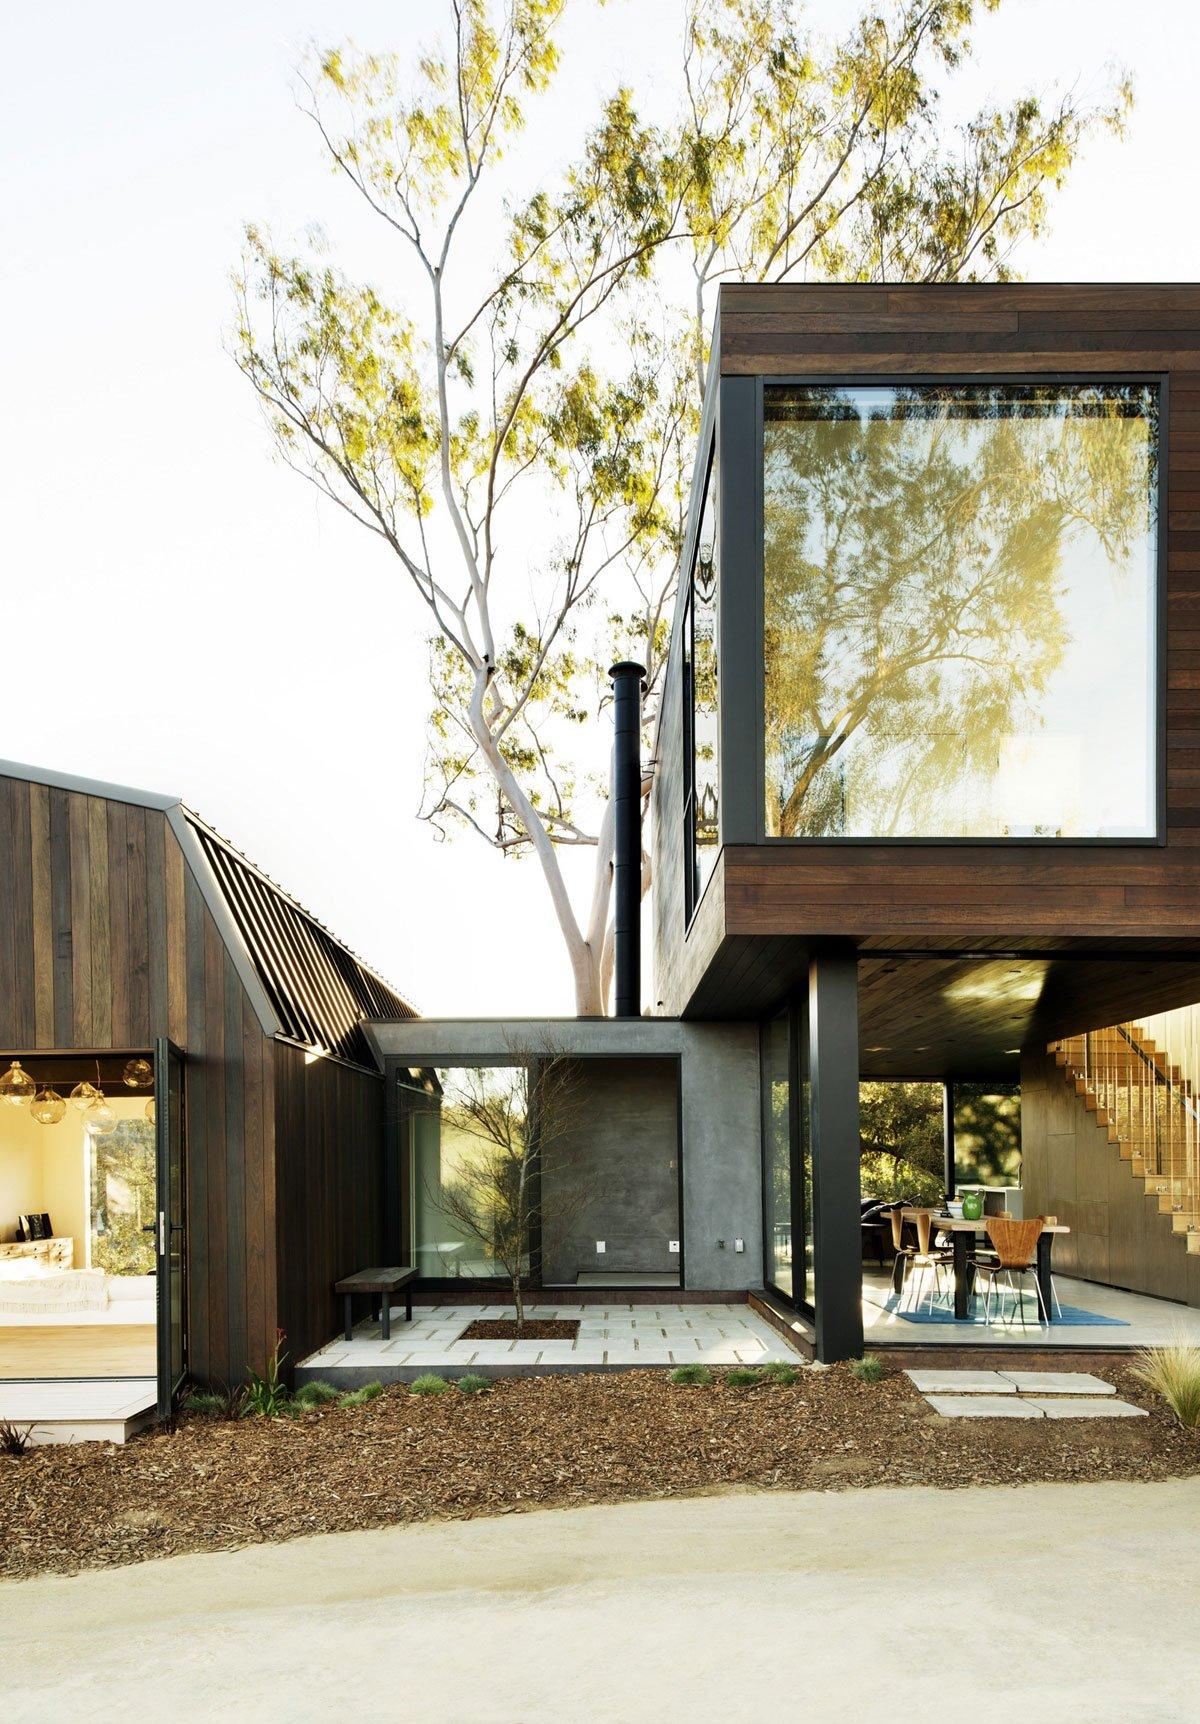 план дома, схема частного дома, резиденция OakPast Guest, Walker Workshop, дома в Беверли Хиллз, особняки беверли Хиллз, обзоры домов в Беверли Хиллз